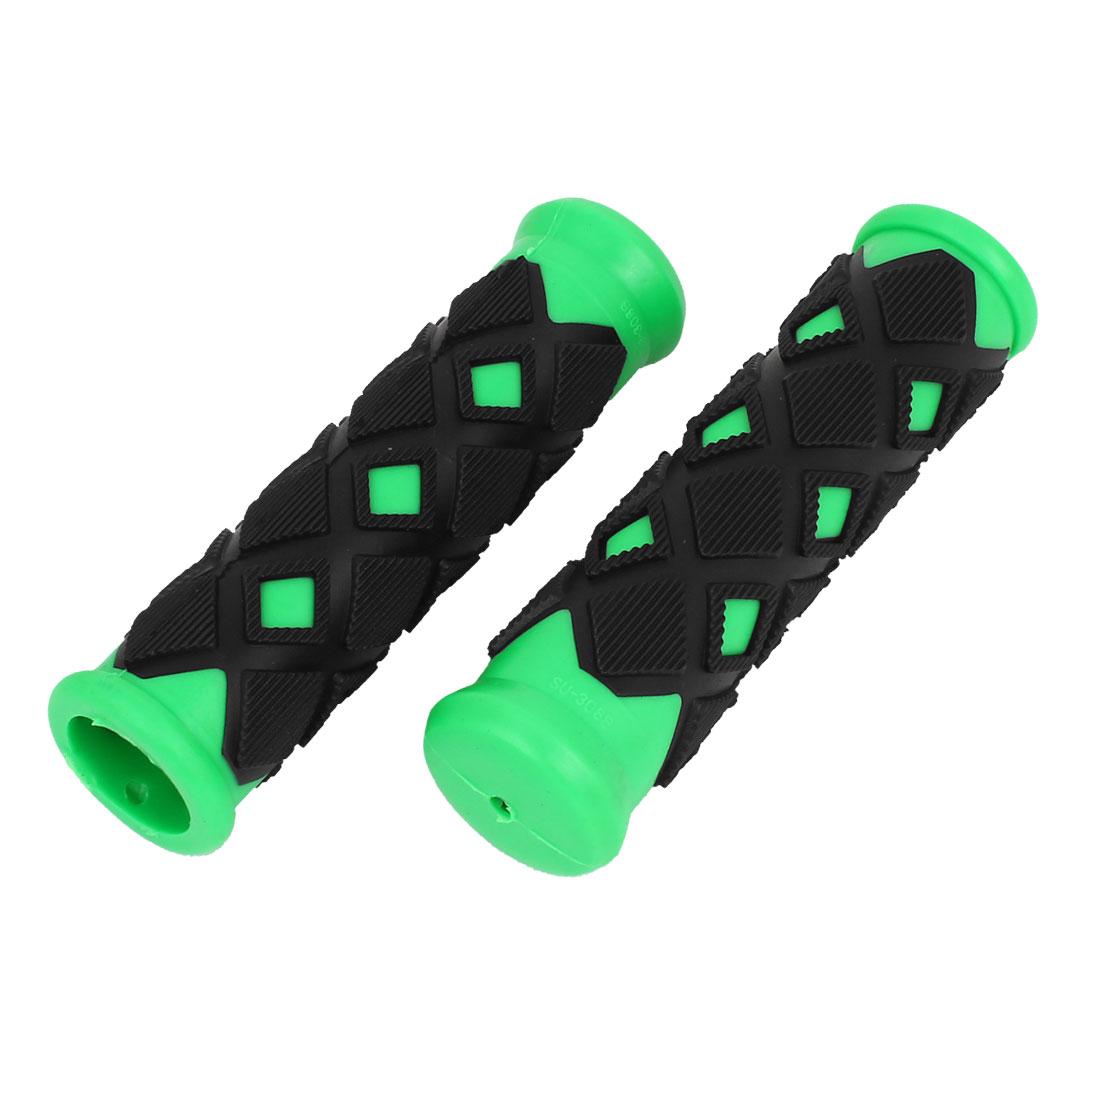 Black Green Lozenge Design Nonslip Rubber Bike Handlebar Hand Grip Cover 2 Pcs